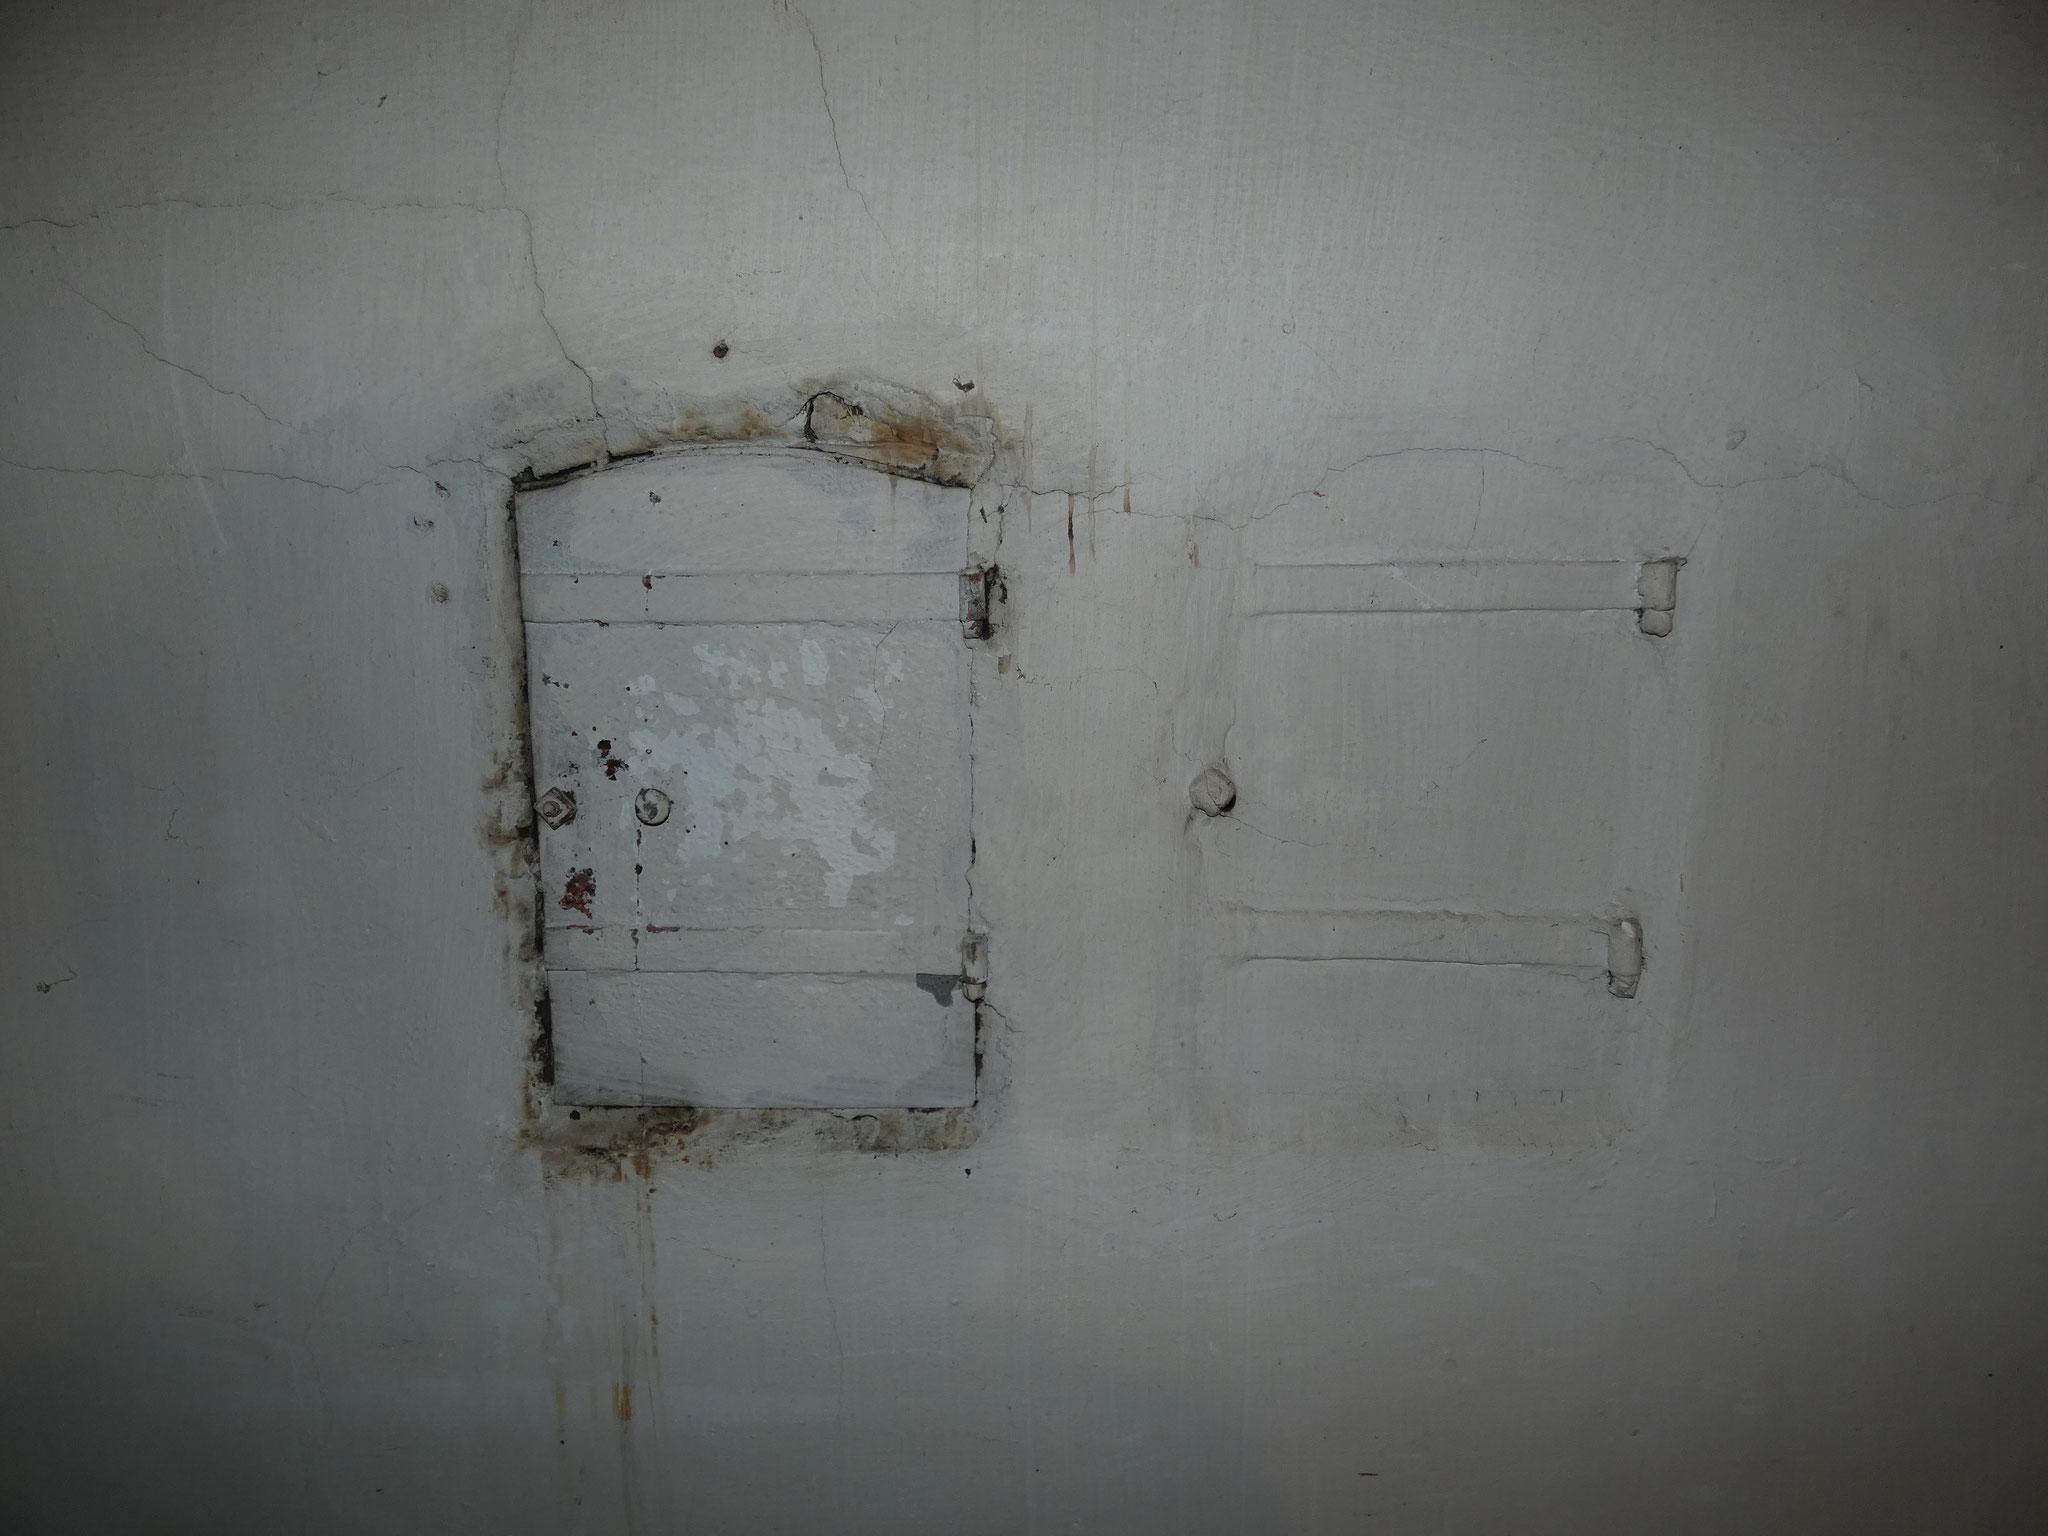 Enkele van de vele luiken op de zolderverdieping, die deel uitmaken van de luchtverwarming.